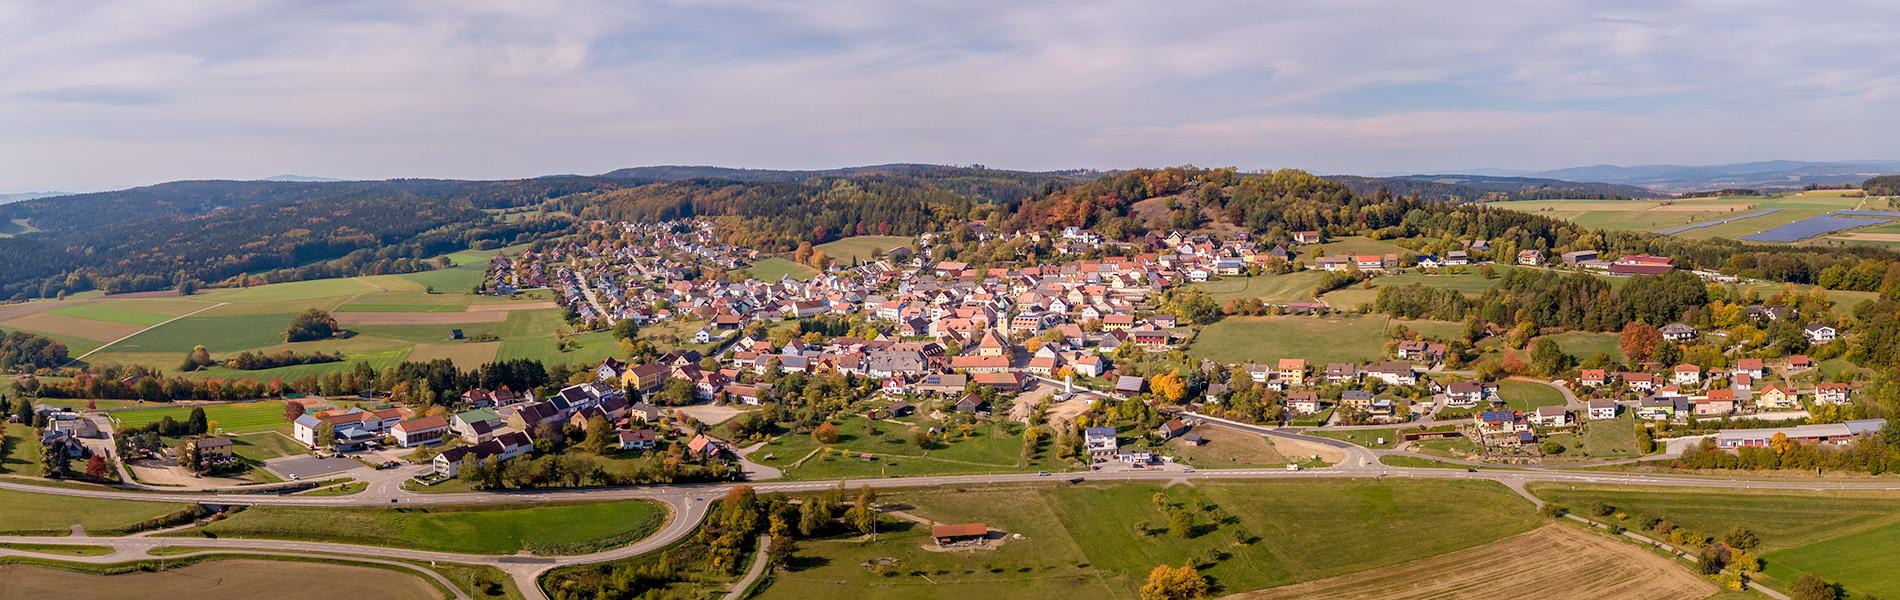 Luftaufnahme Tannenberg